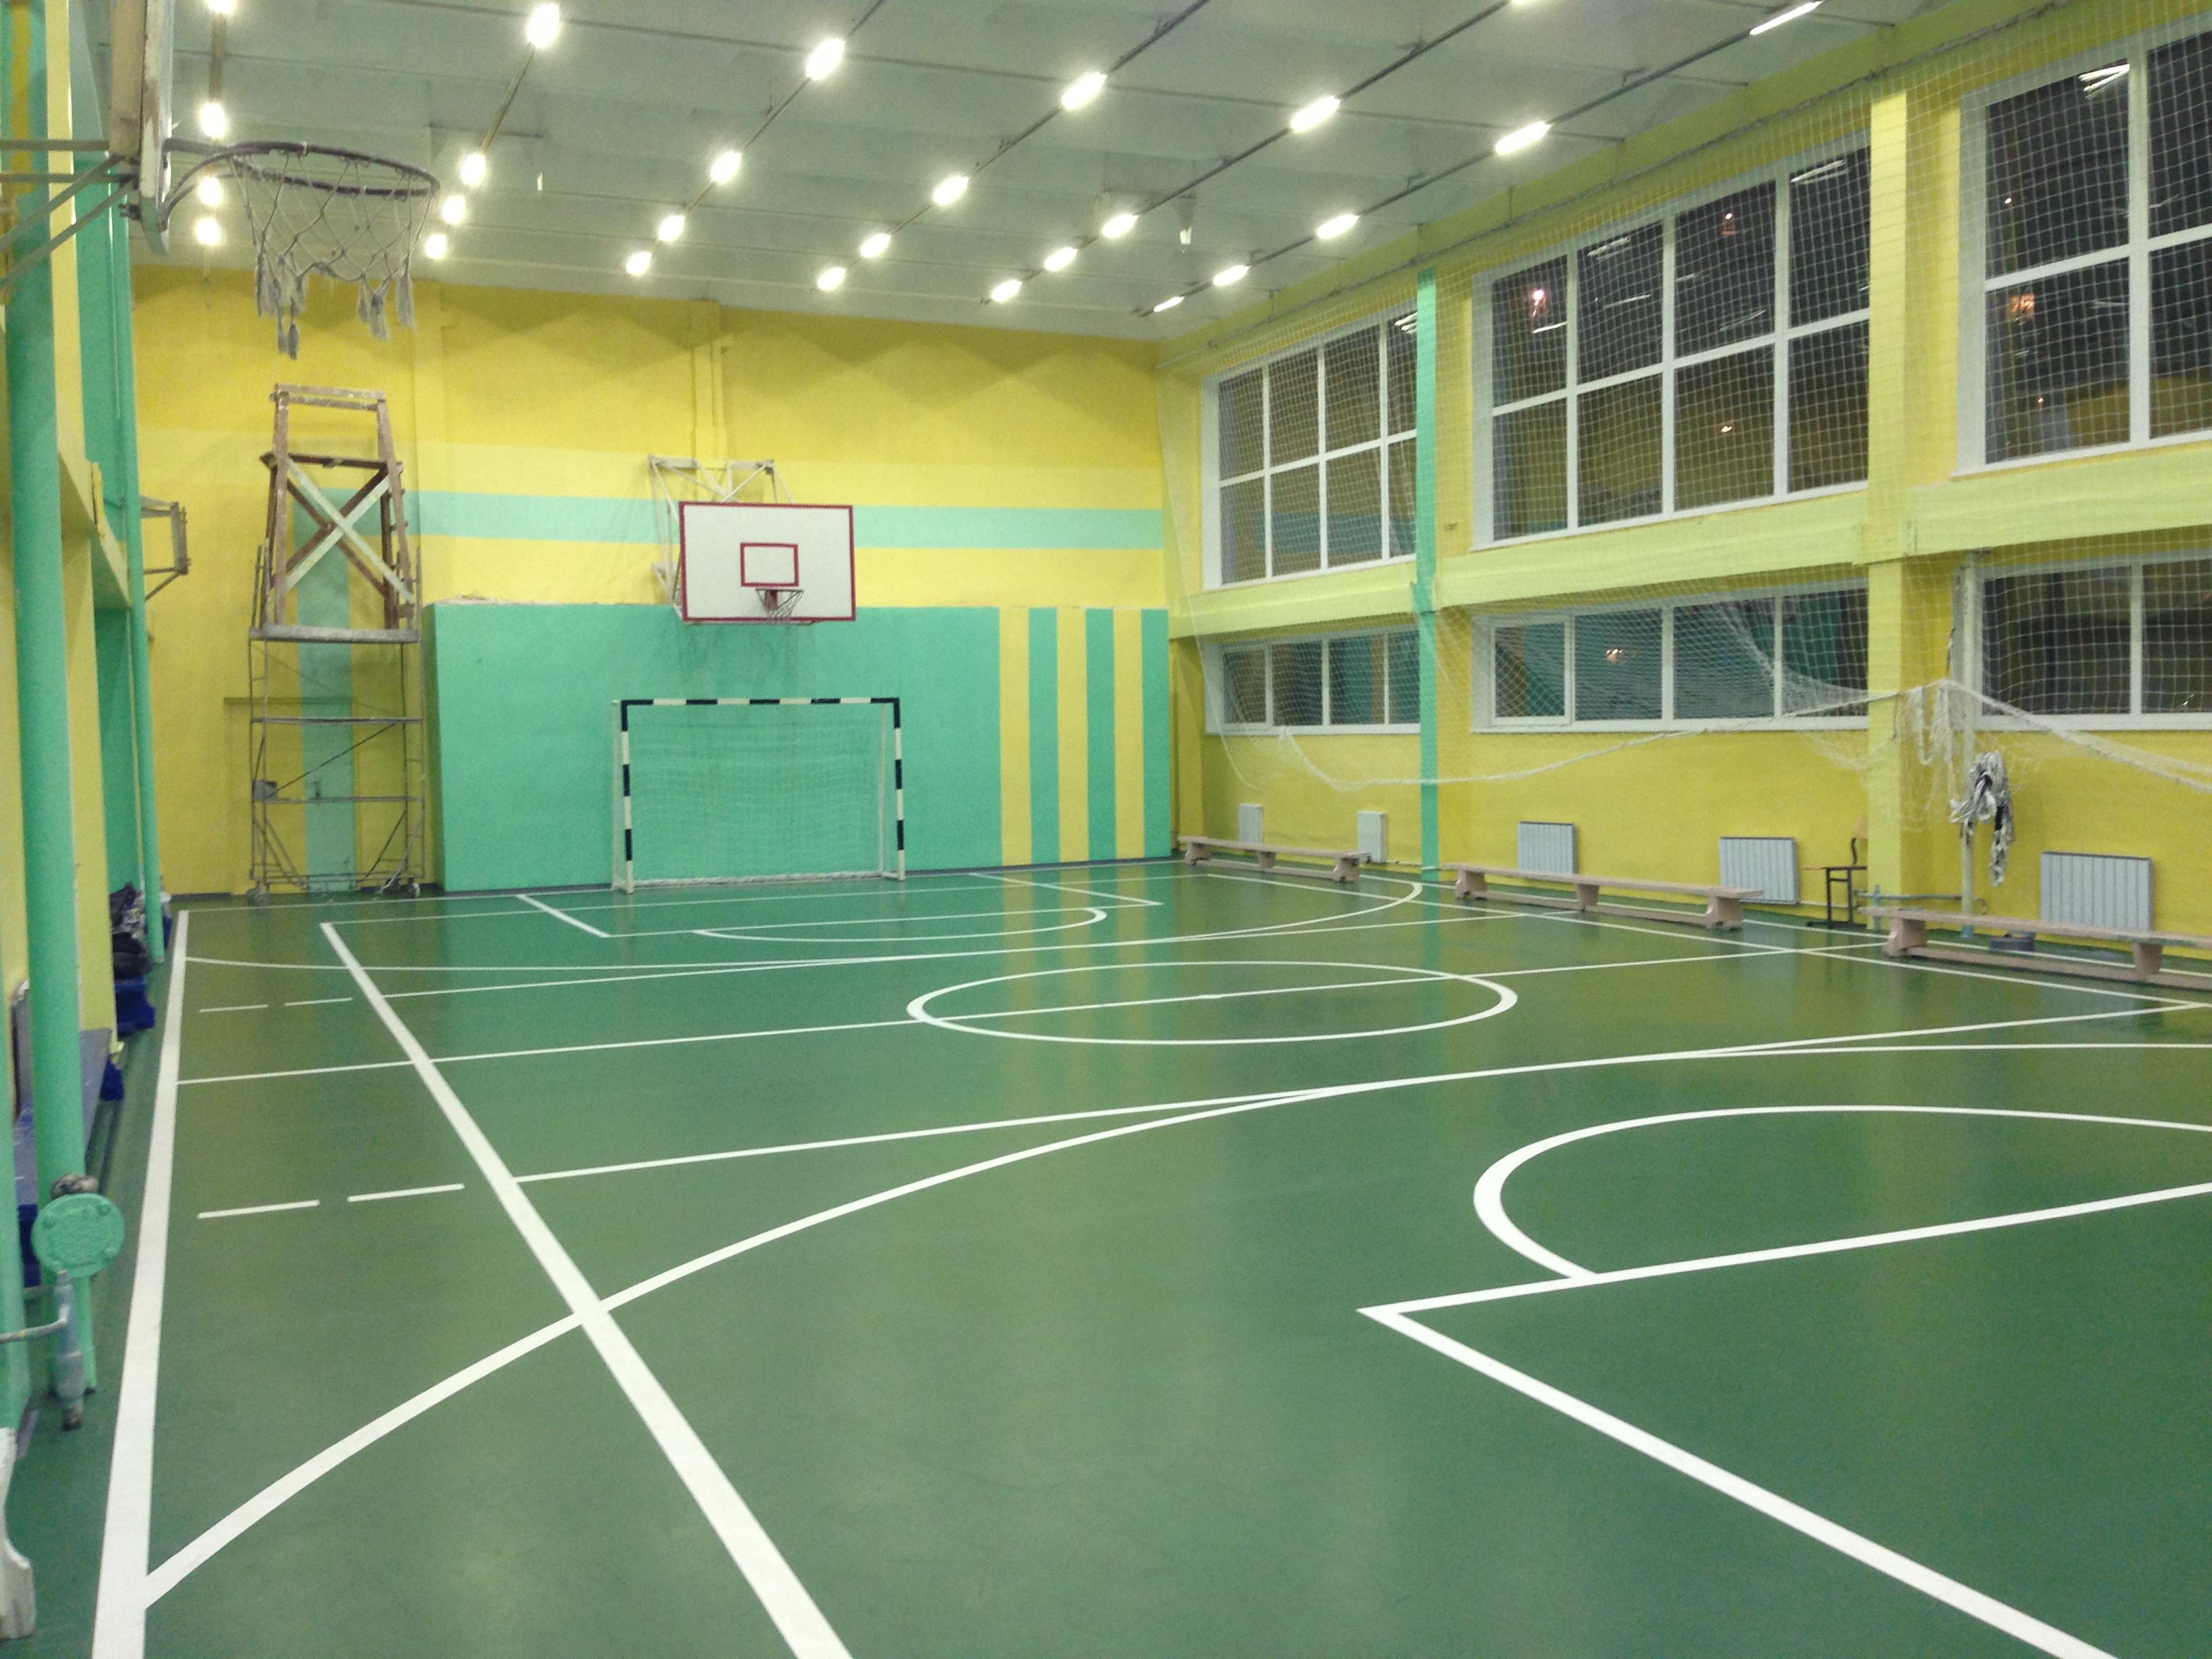 Спортивный зал учебного заведения с нанесением разметки